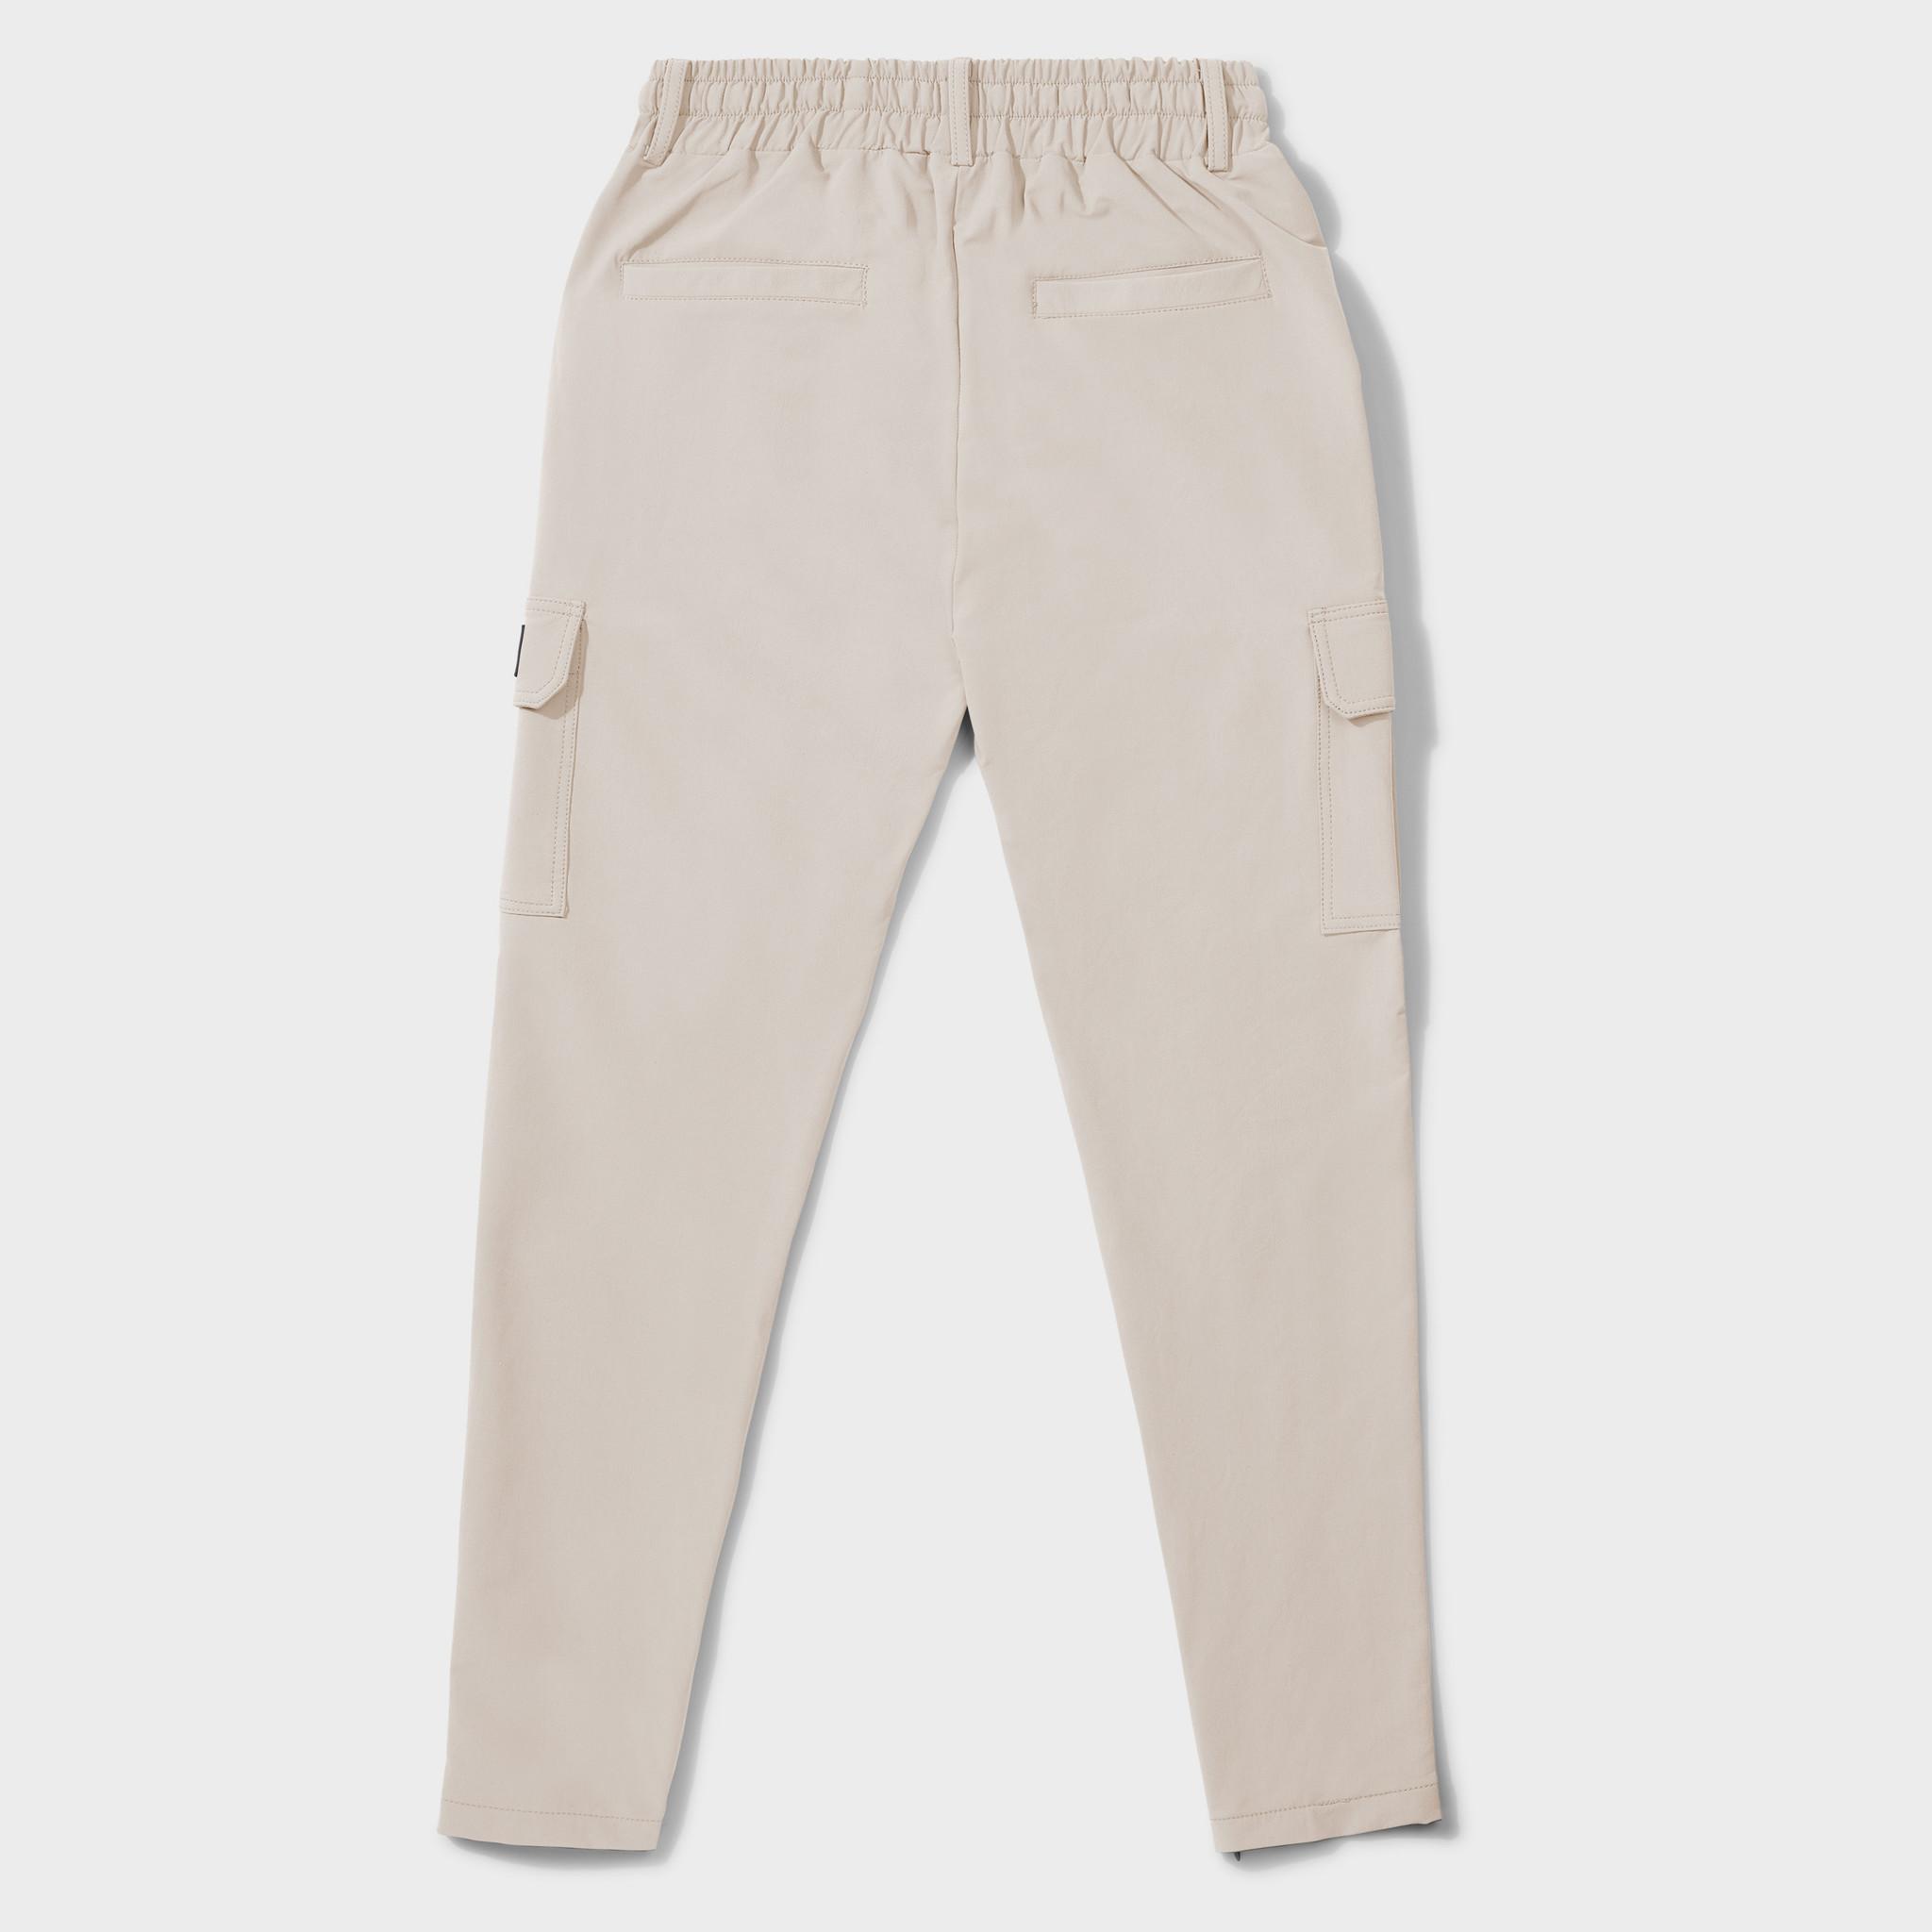 Cargo pants beige-2